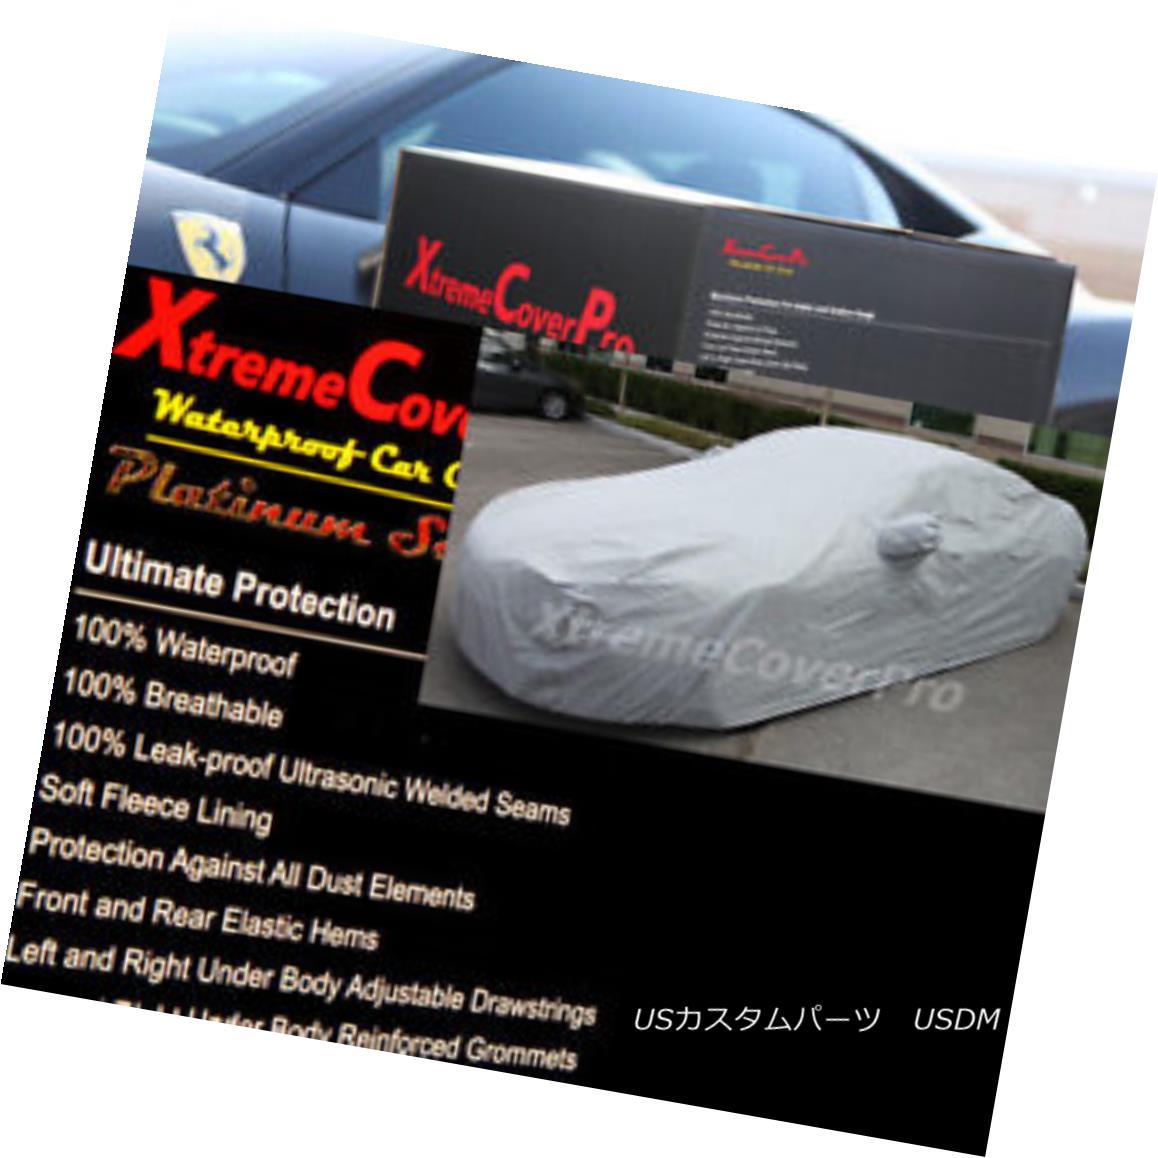 カーカバー 1996 1997 1998 Cadillac Eldorado Waterproof Car Cover w/MirrorPocket 1996 1997キャデラックエルドラド防水カーカバー付きMirrorPocket